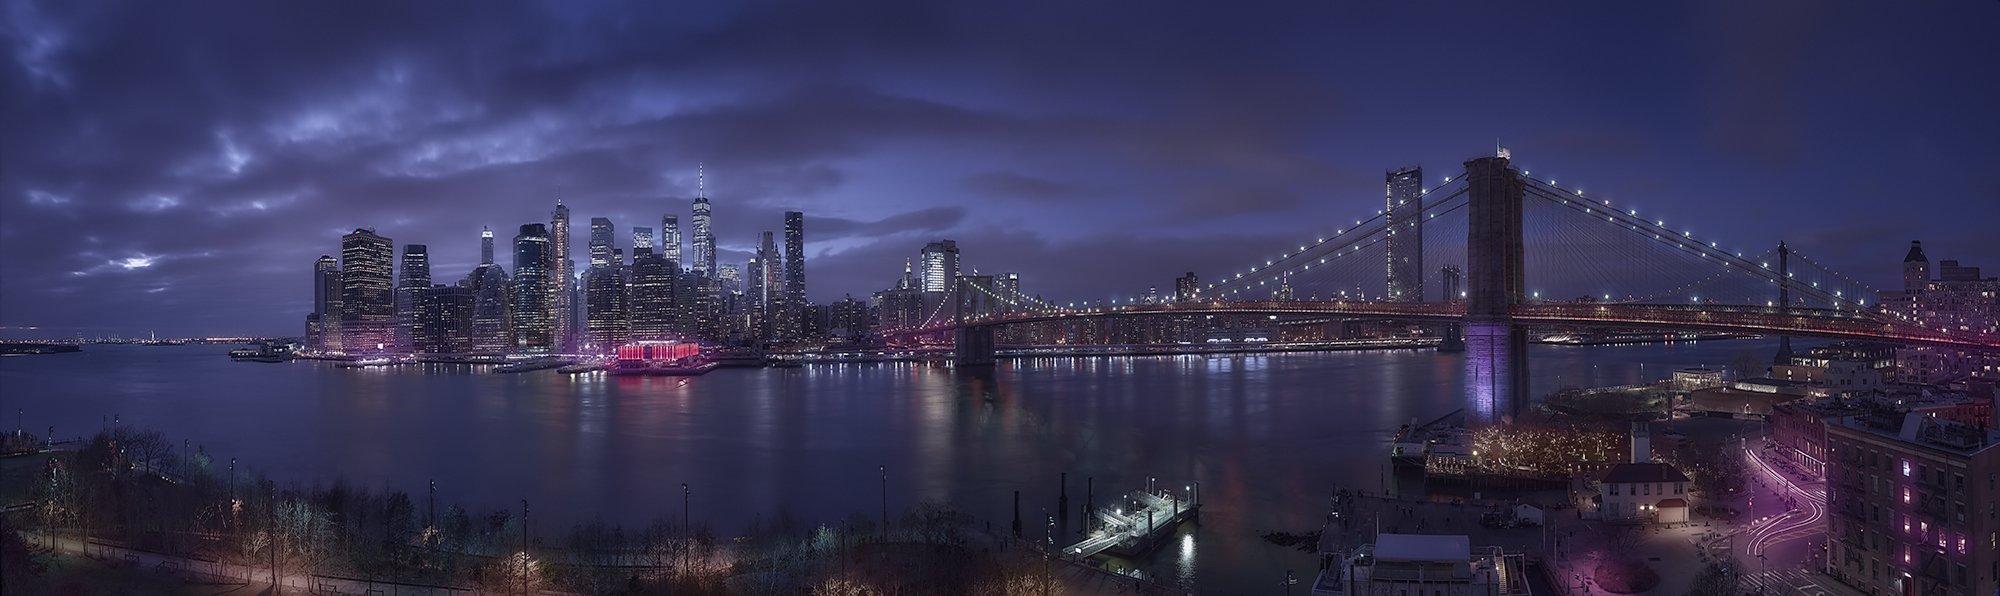 NYC Skyline_despues